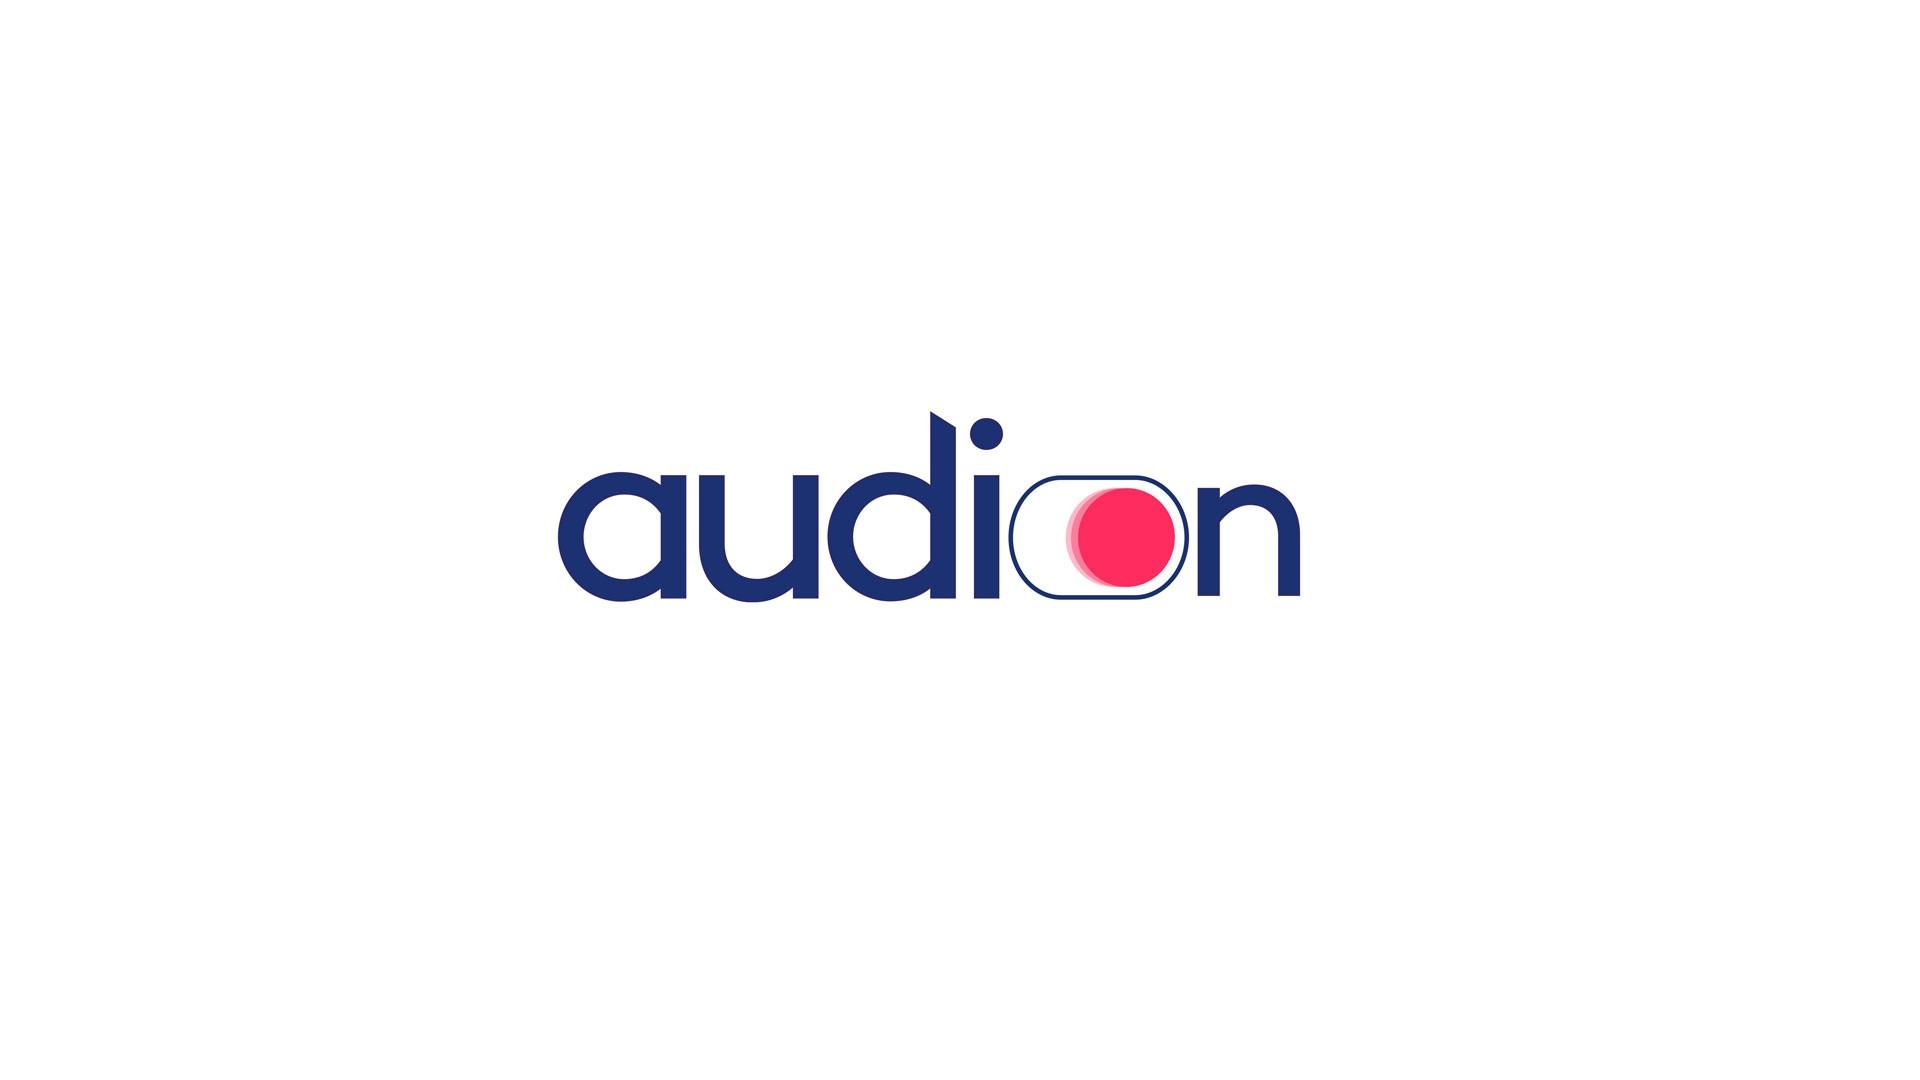 Audion_1920x1080